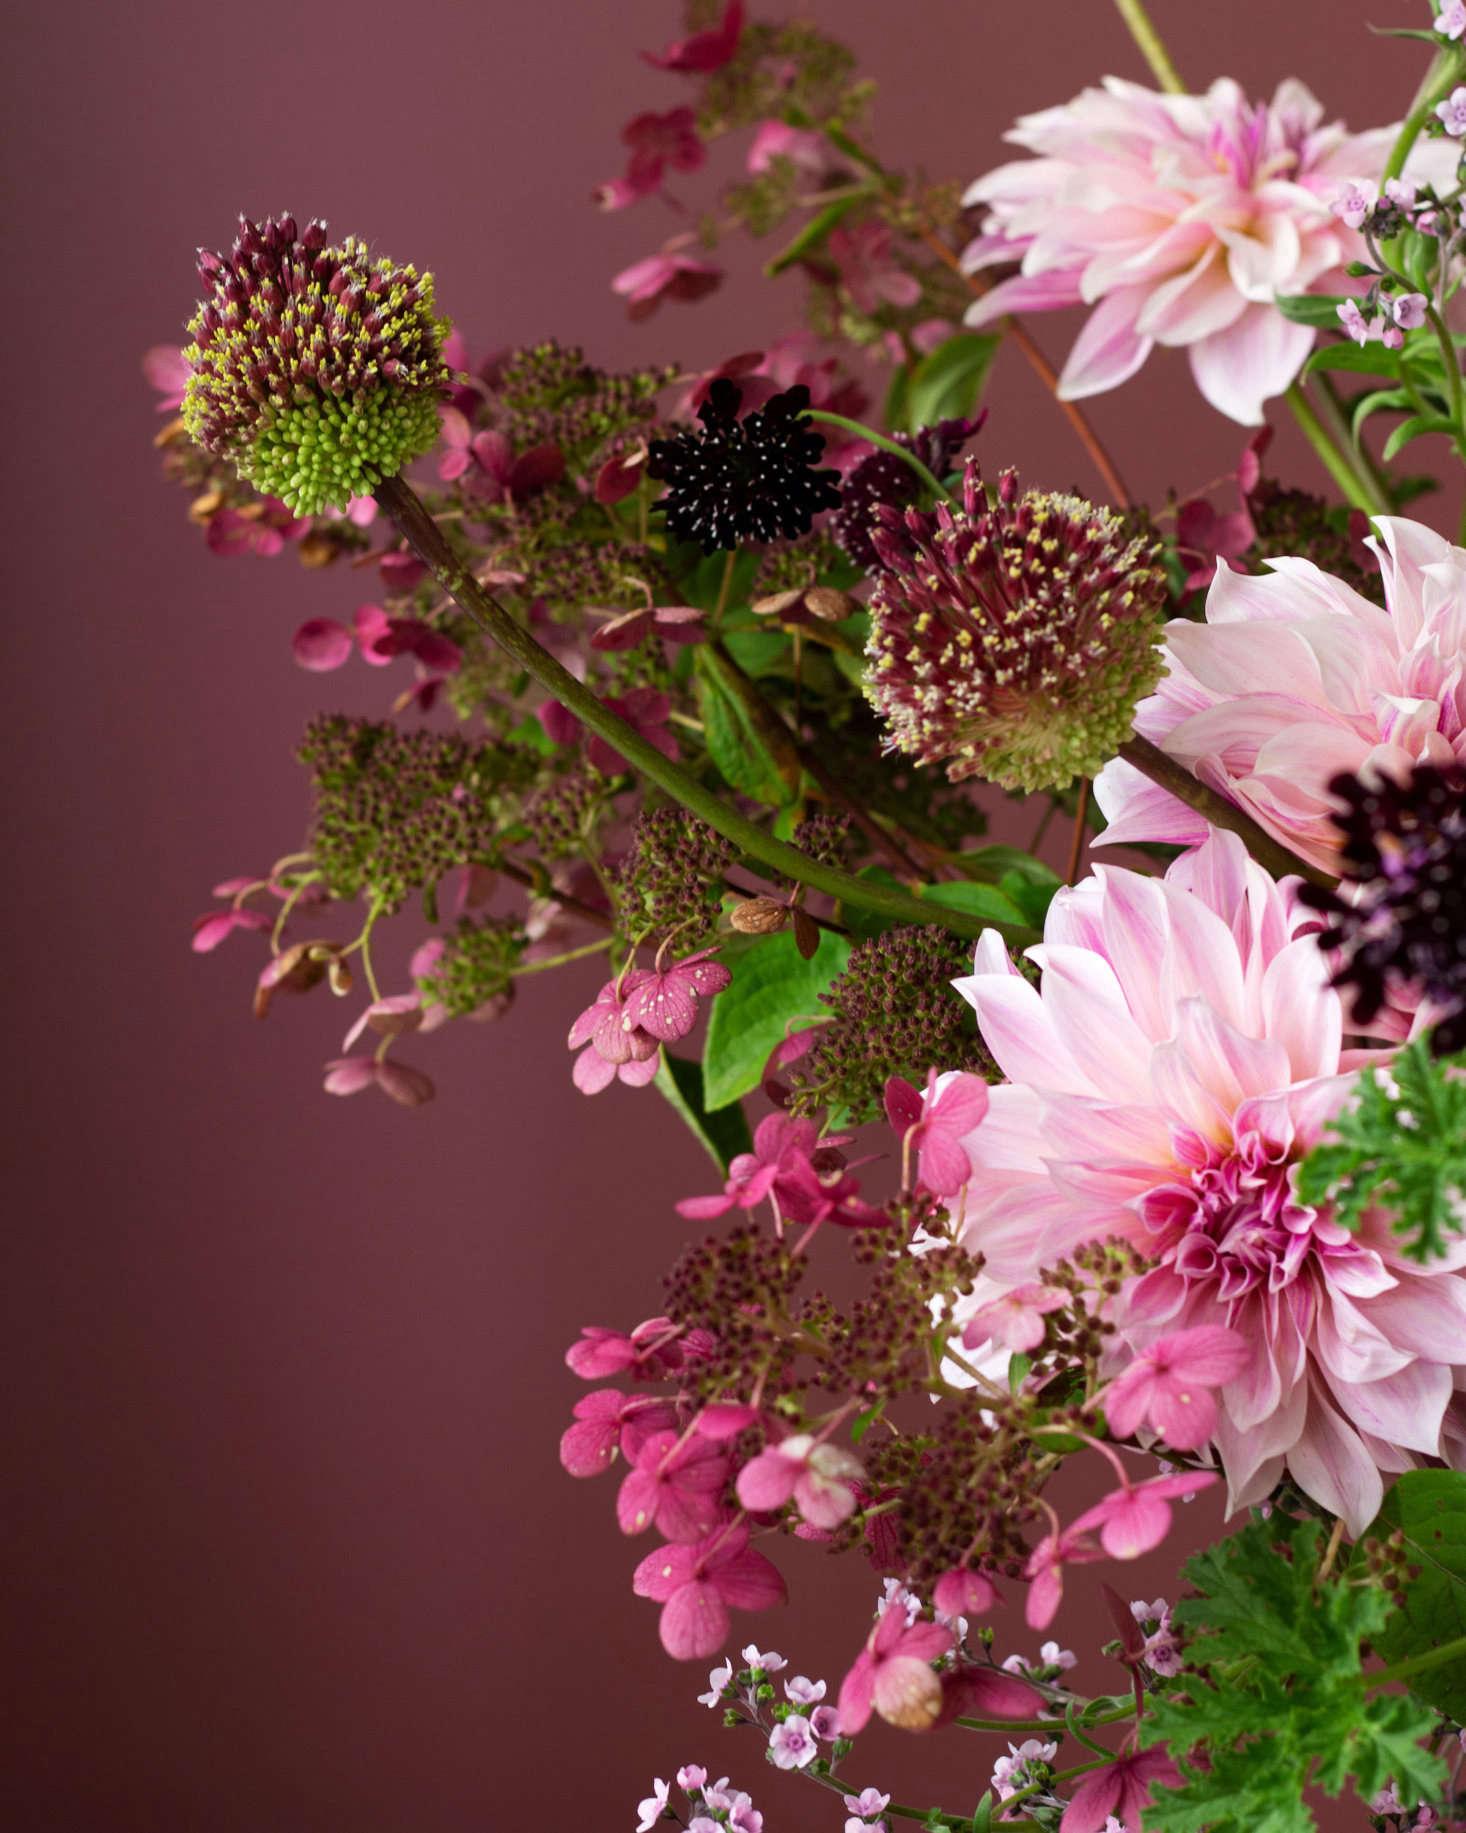 粉色和粉色的颜色很漂亮。这个,包括苏菲,包括艾琳·多娃,包括其他的植物,包括多莎·多娃,包括她,伊兹。